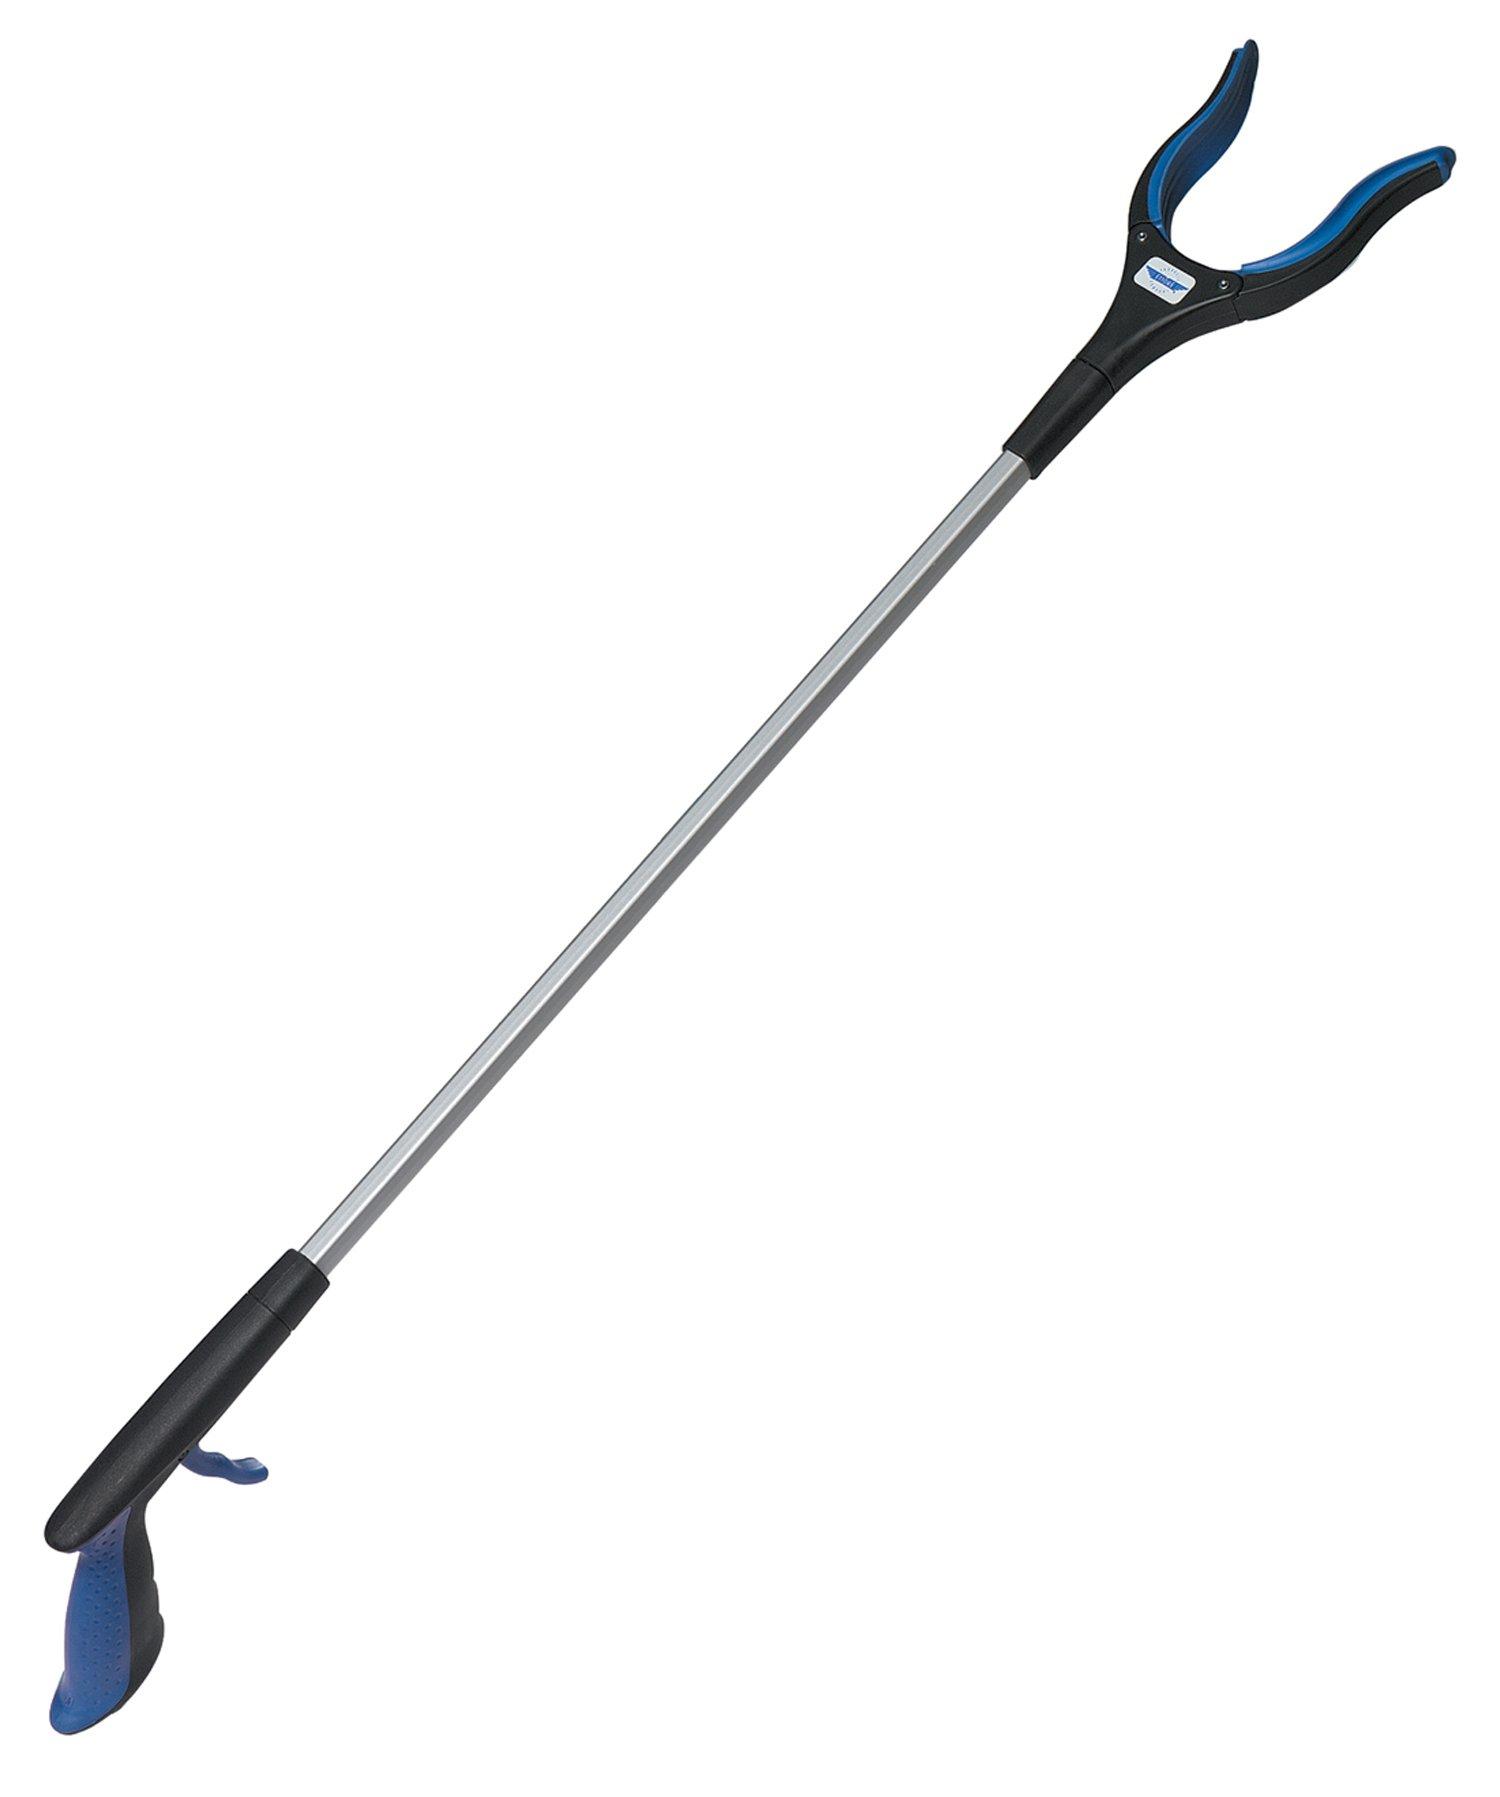 Ettore 49036 32 Inch Gripn Inches